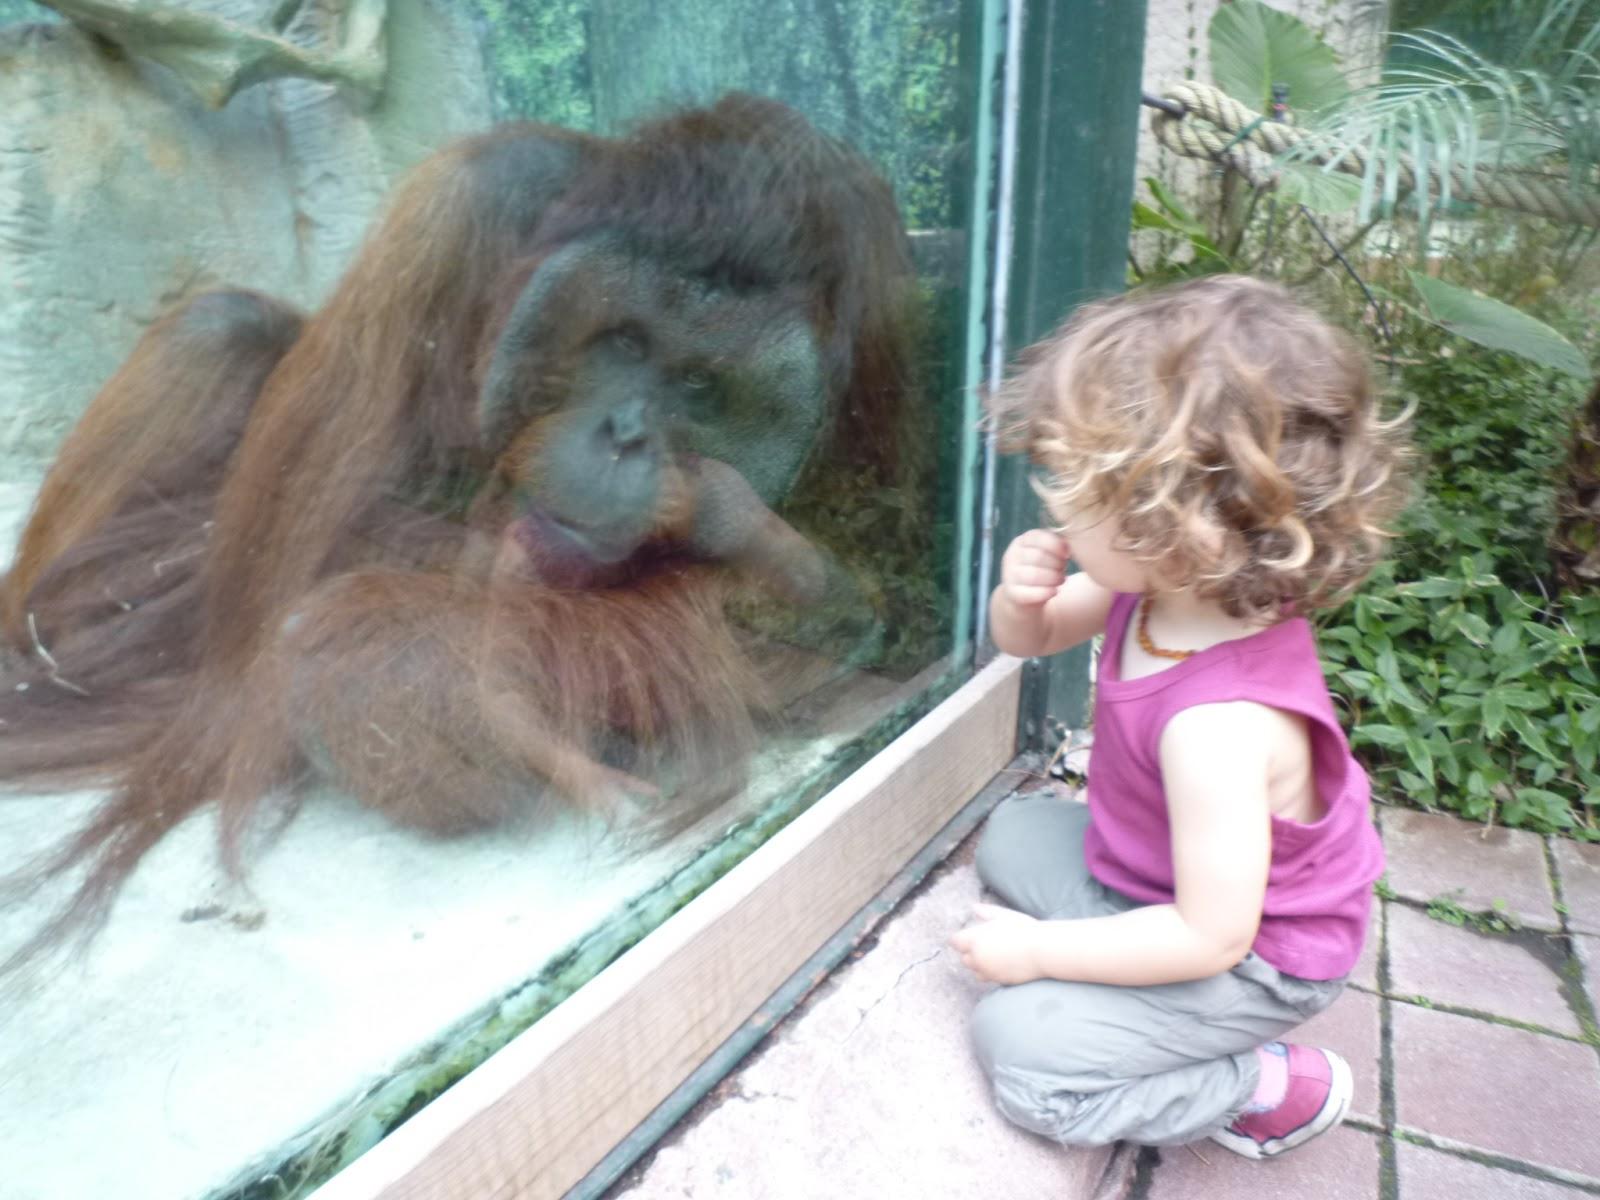 Notre week end au zoo de beauval dans la peau d 39 une fille for Appart hotel zoo de beauval